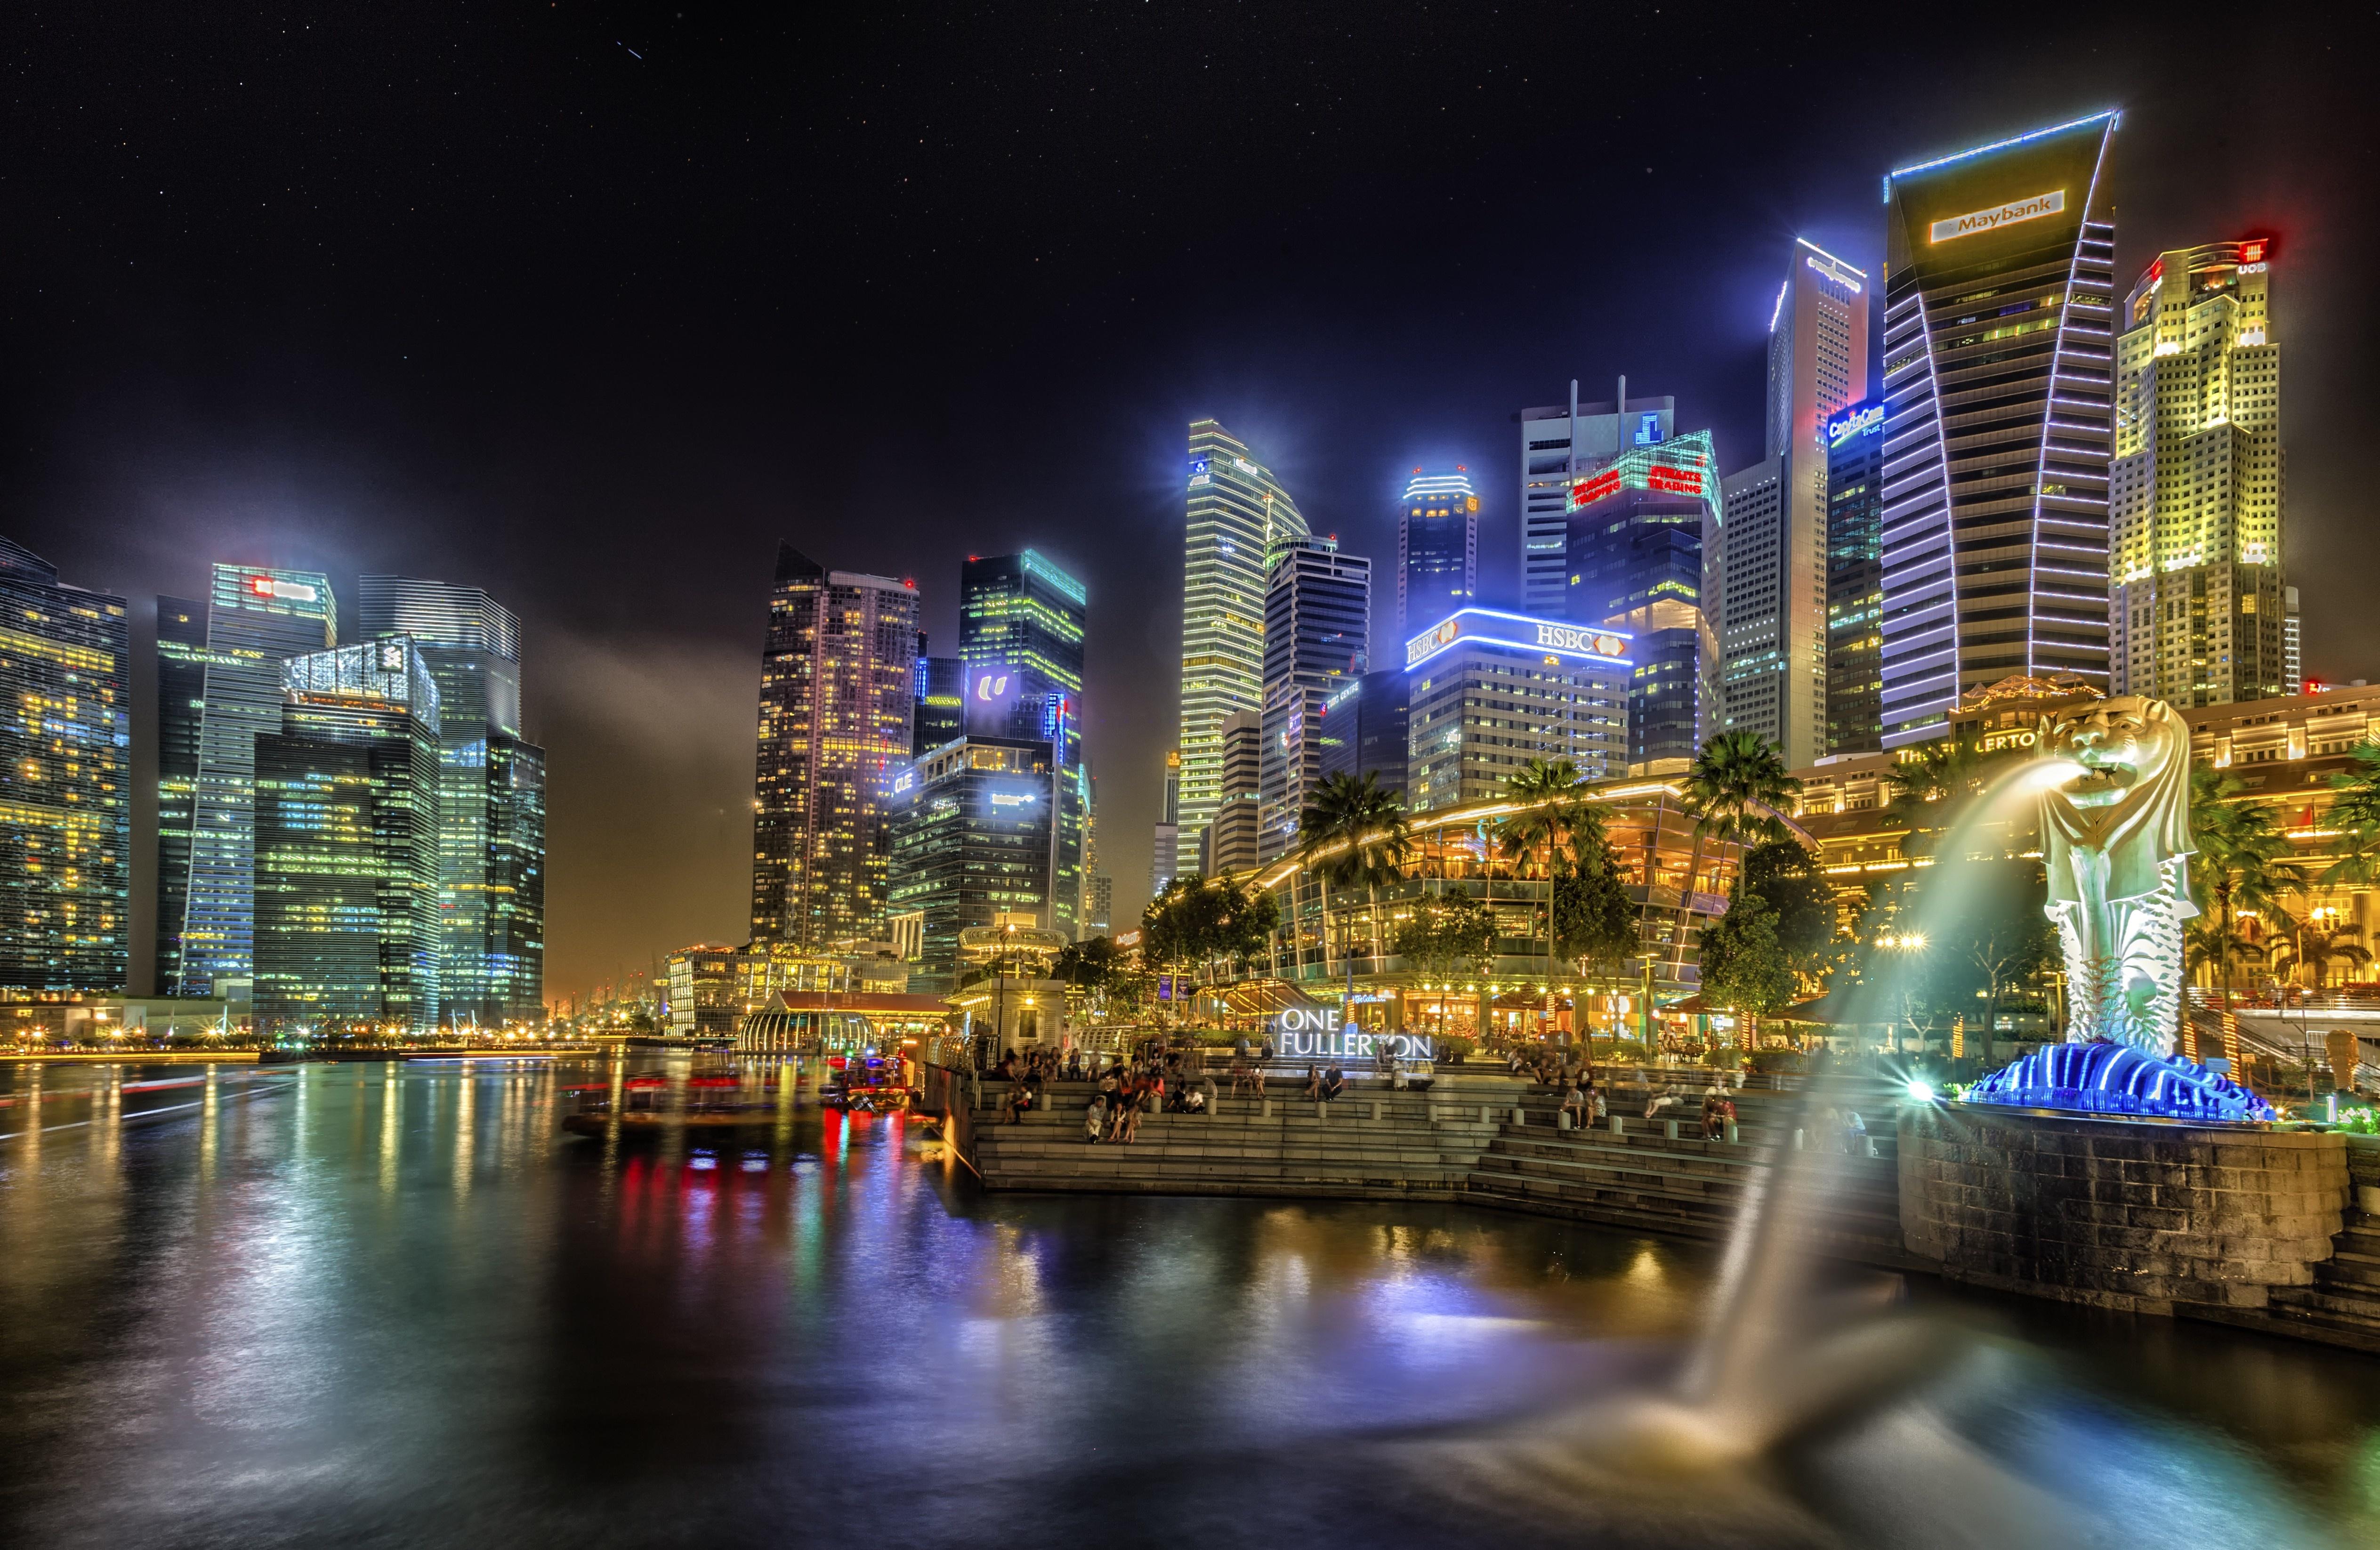 SINGAPORE city lights wallpaper 5055x3292 169624 WallpaperUP 5055x3292